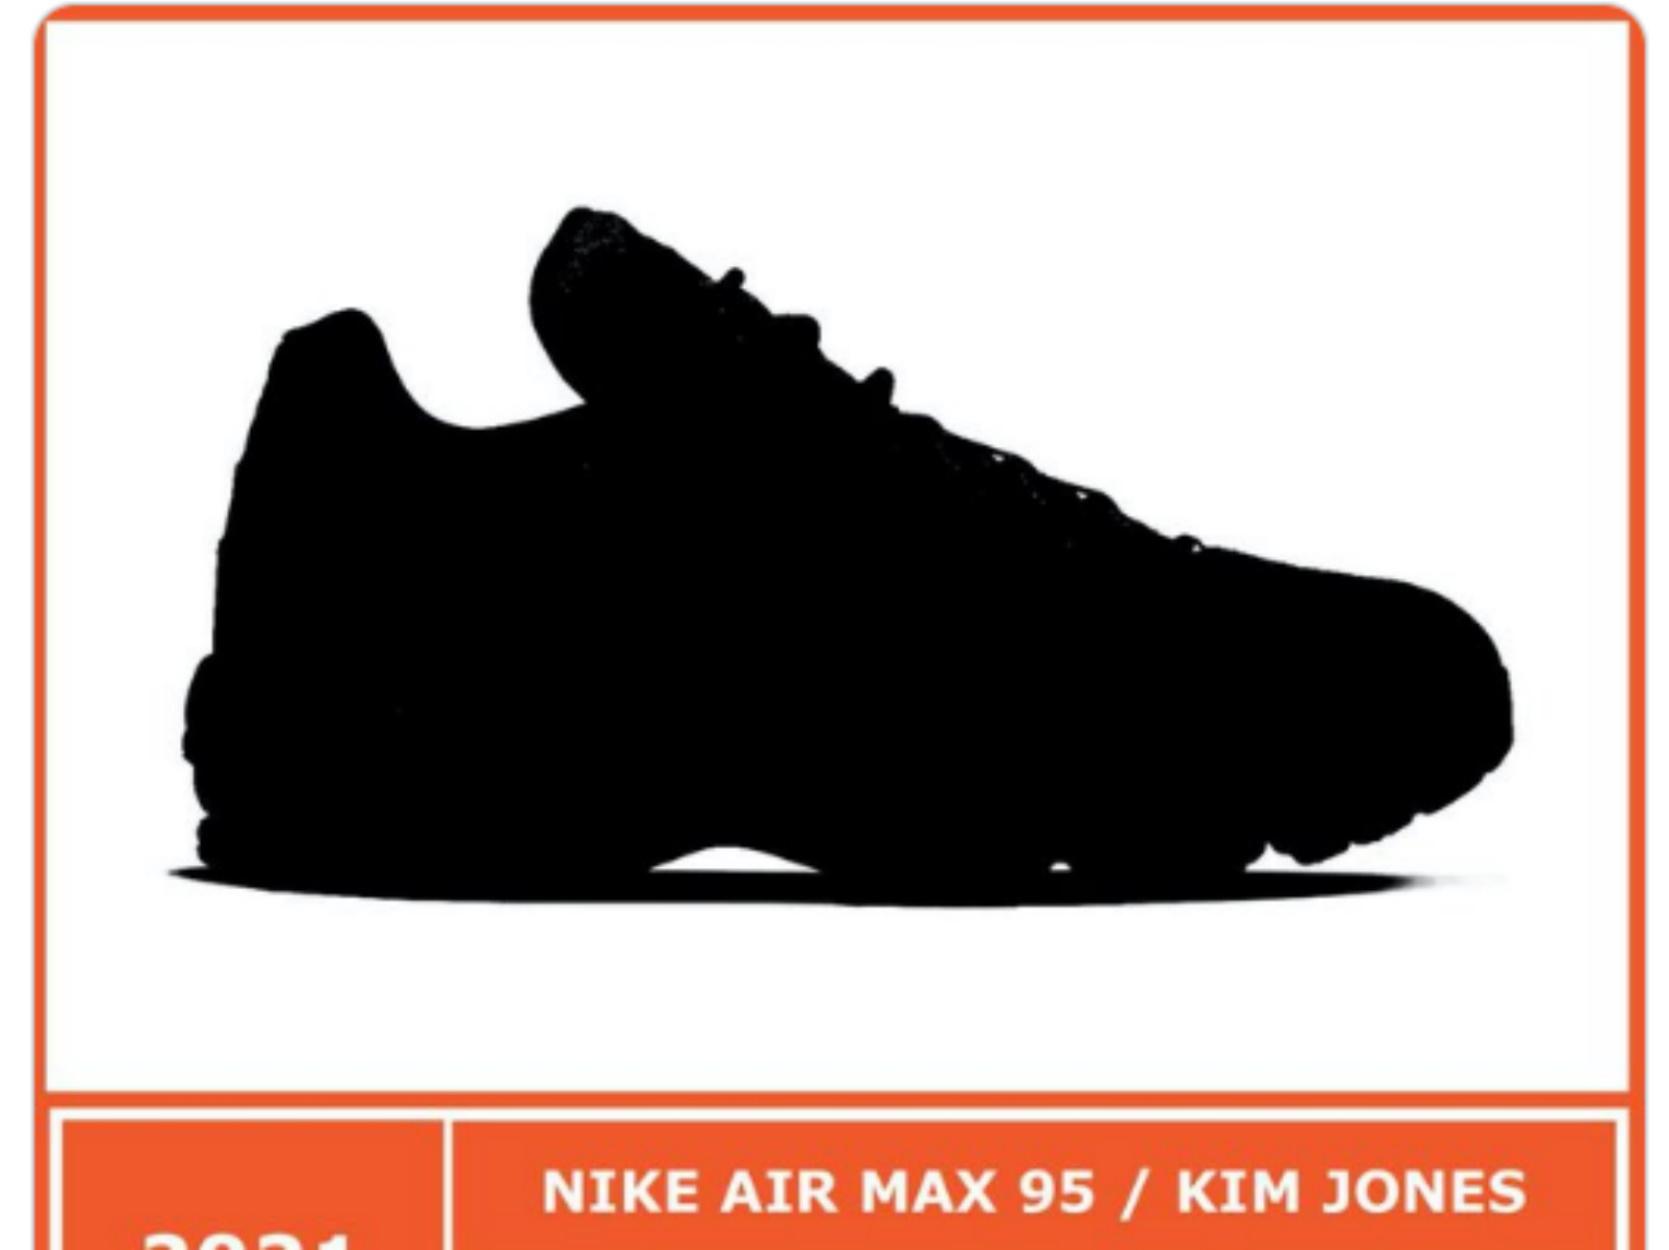 Ένα πολύ ιδιαίτερο Nike Air Max 95 φημολογείται ότι θα κυκλοφορήσει το 2021